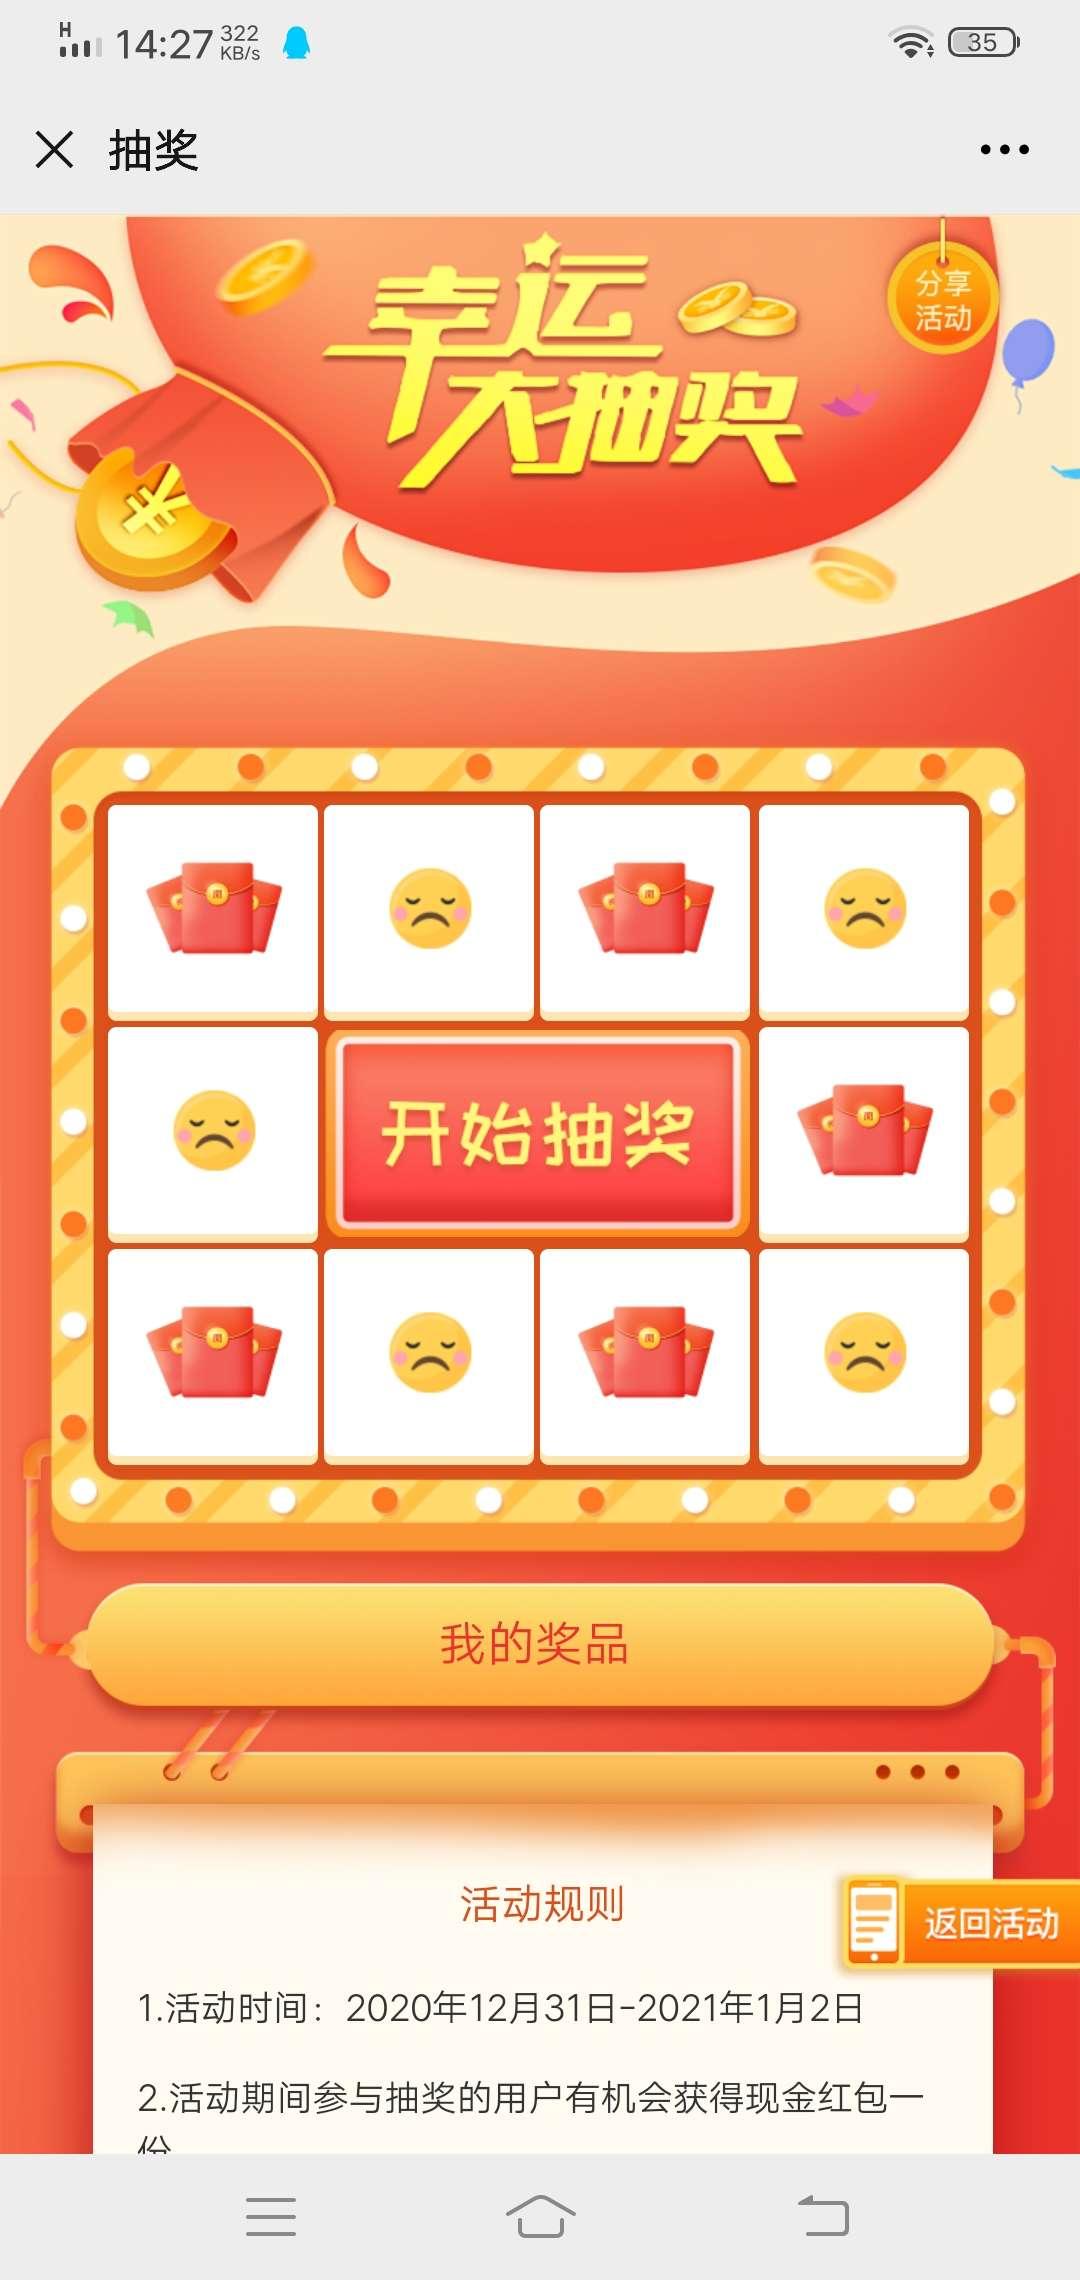 江苏省私个协会新年红包大放送插图1